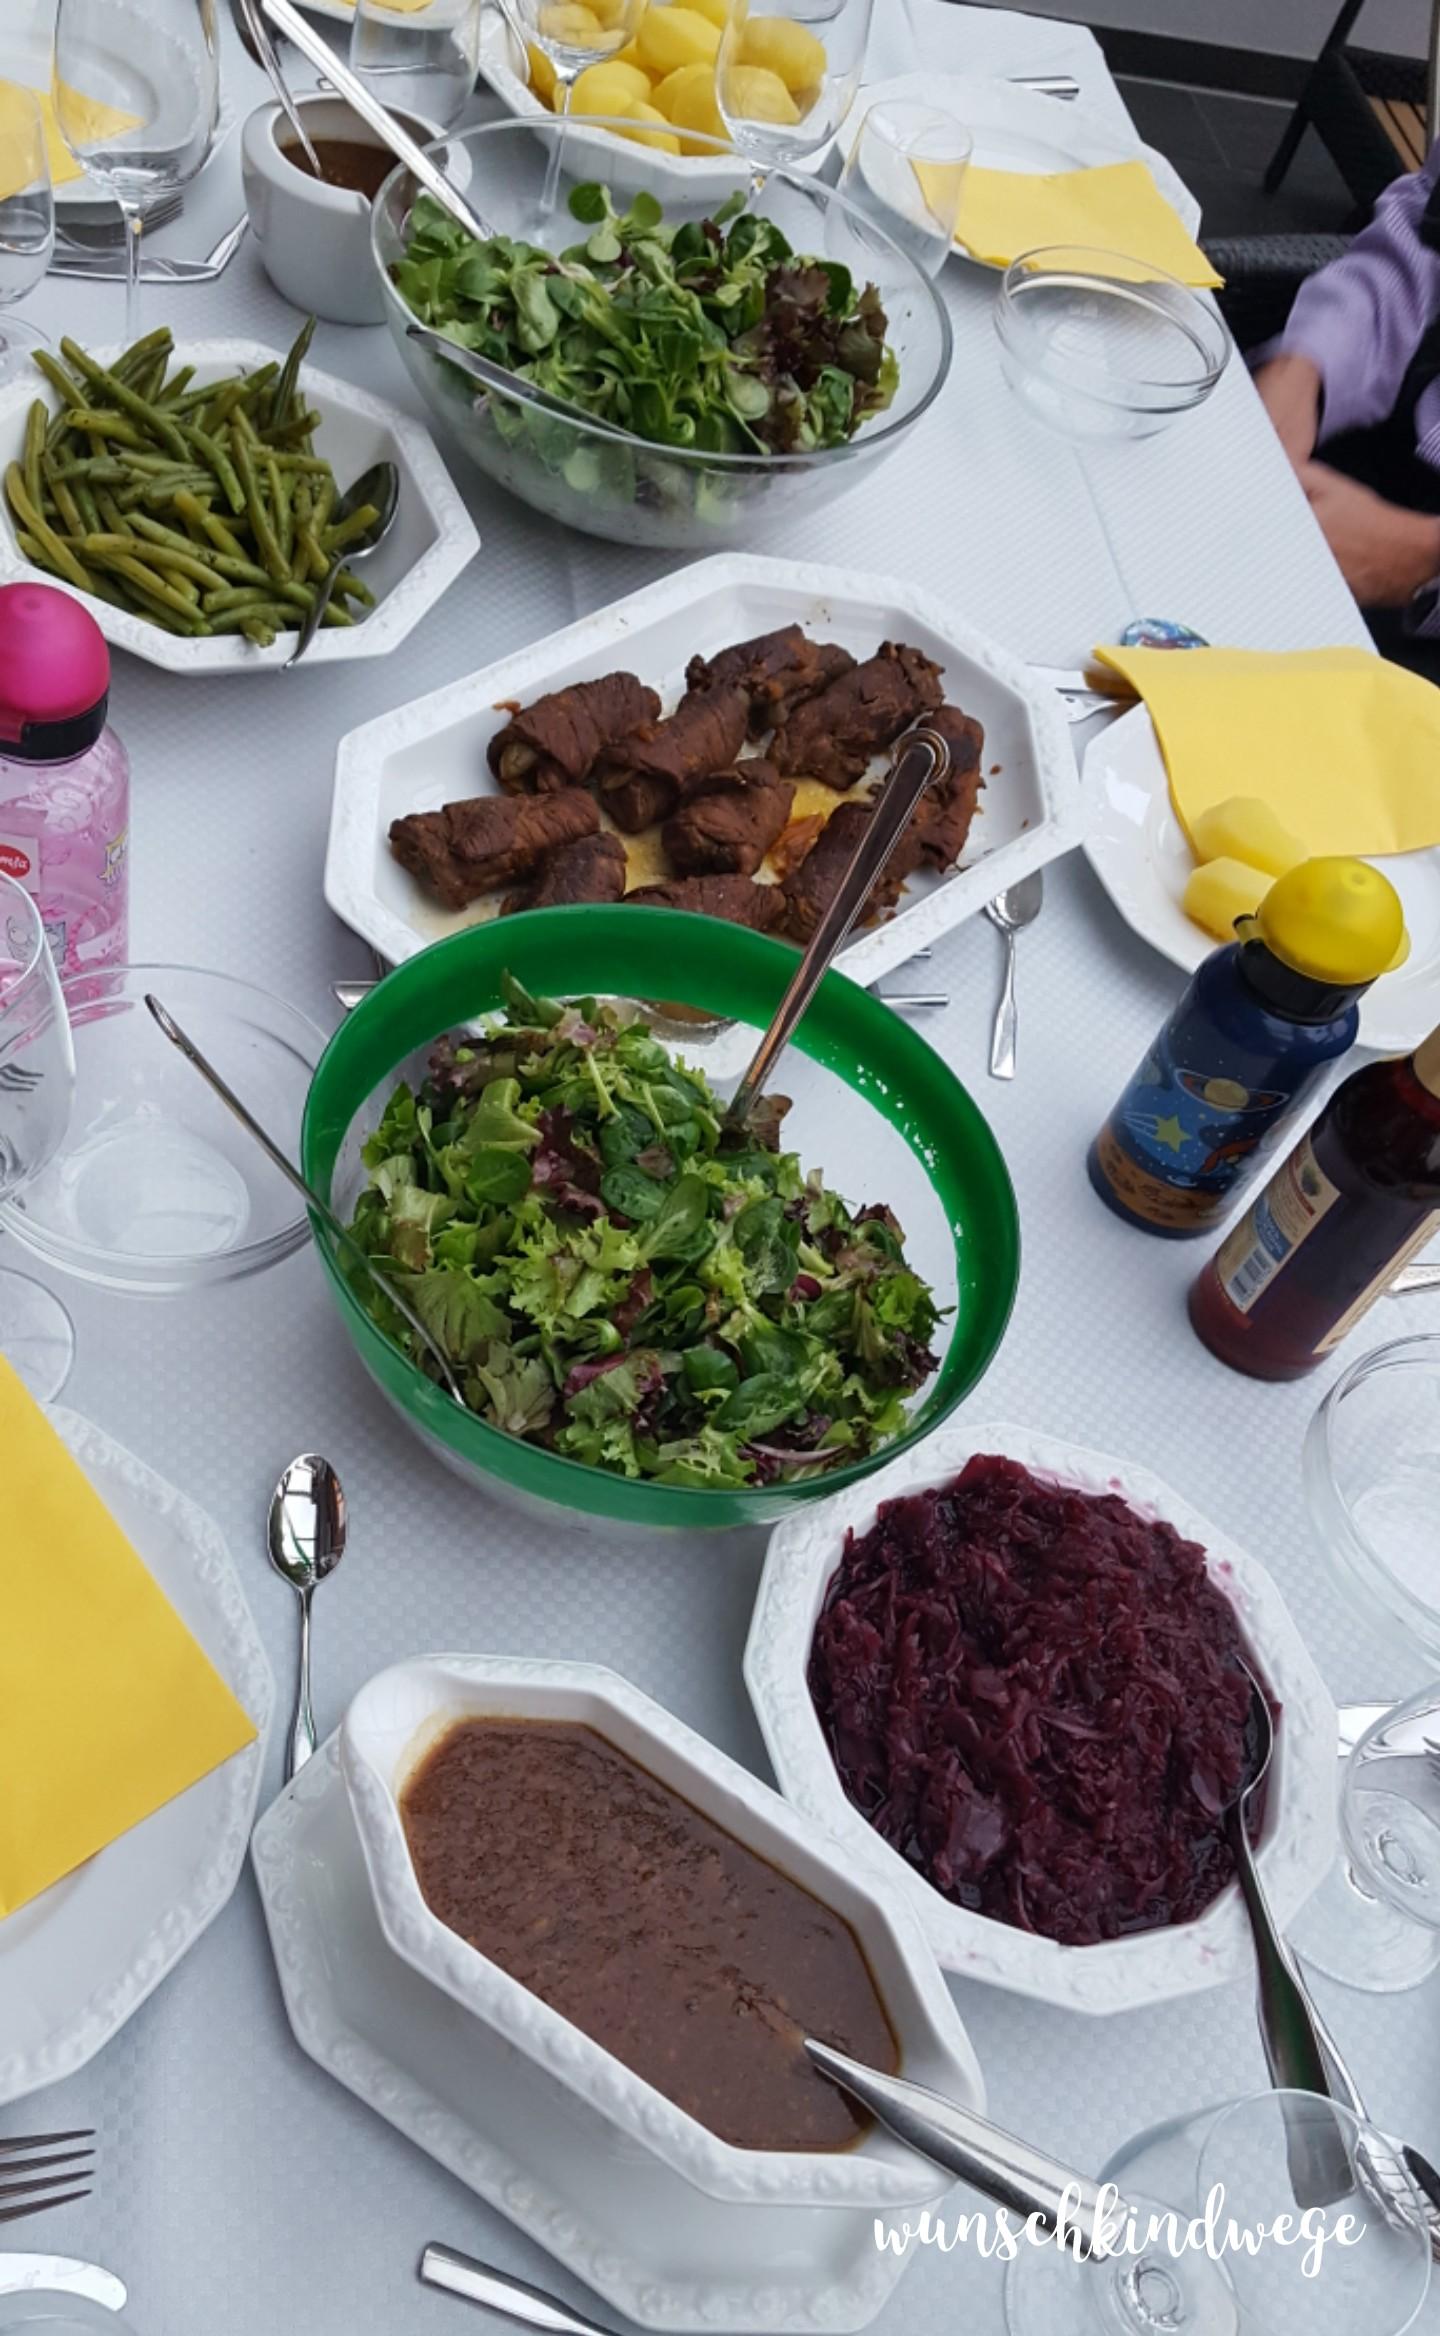 Osterwochenende in Bildern: Abendessen